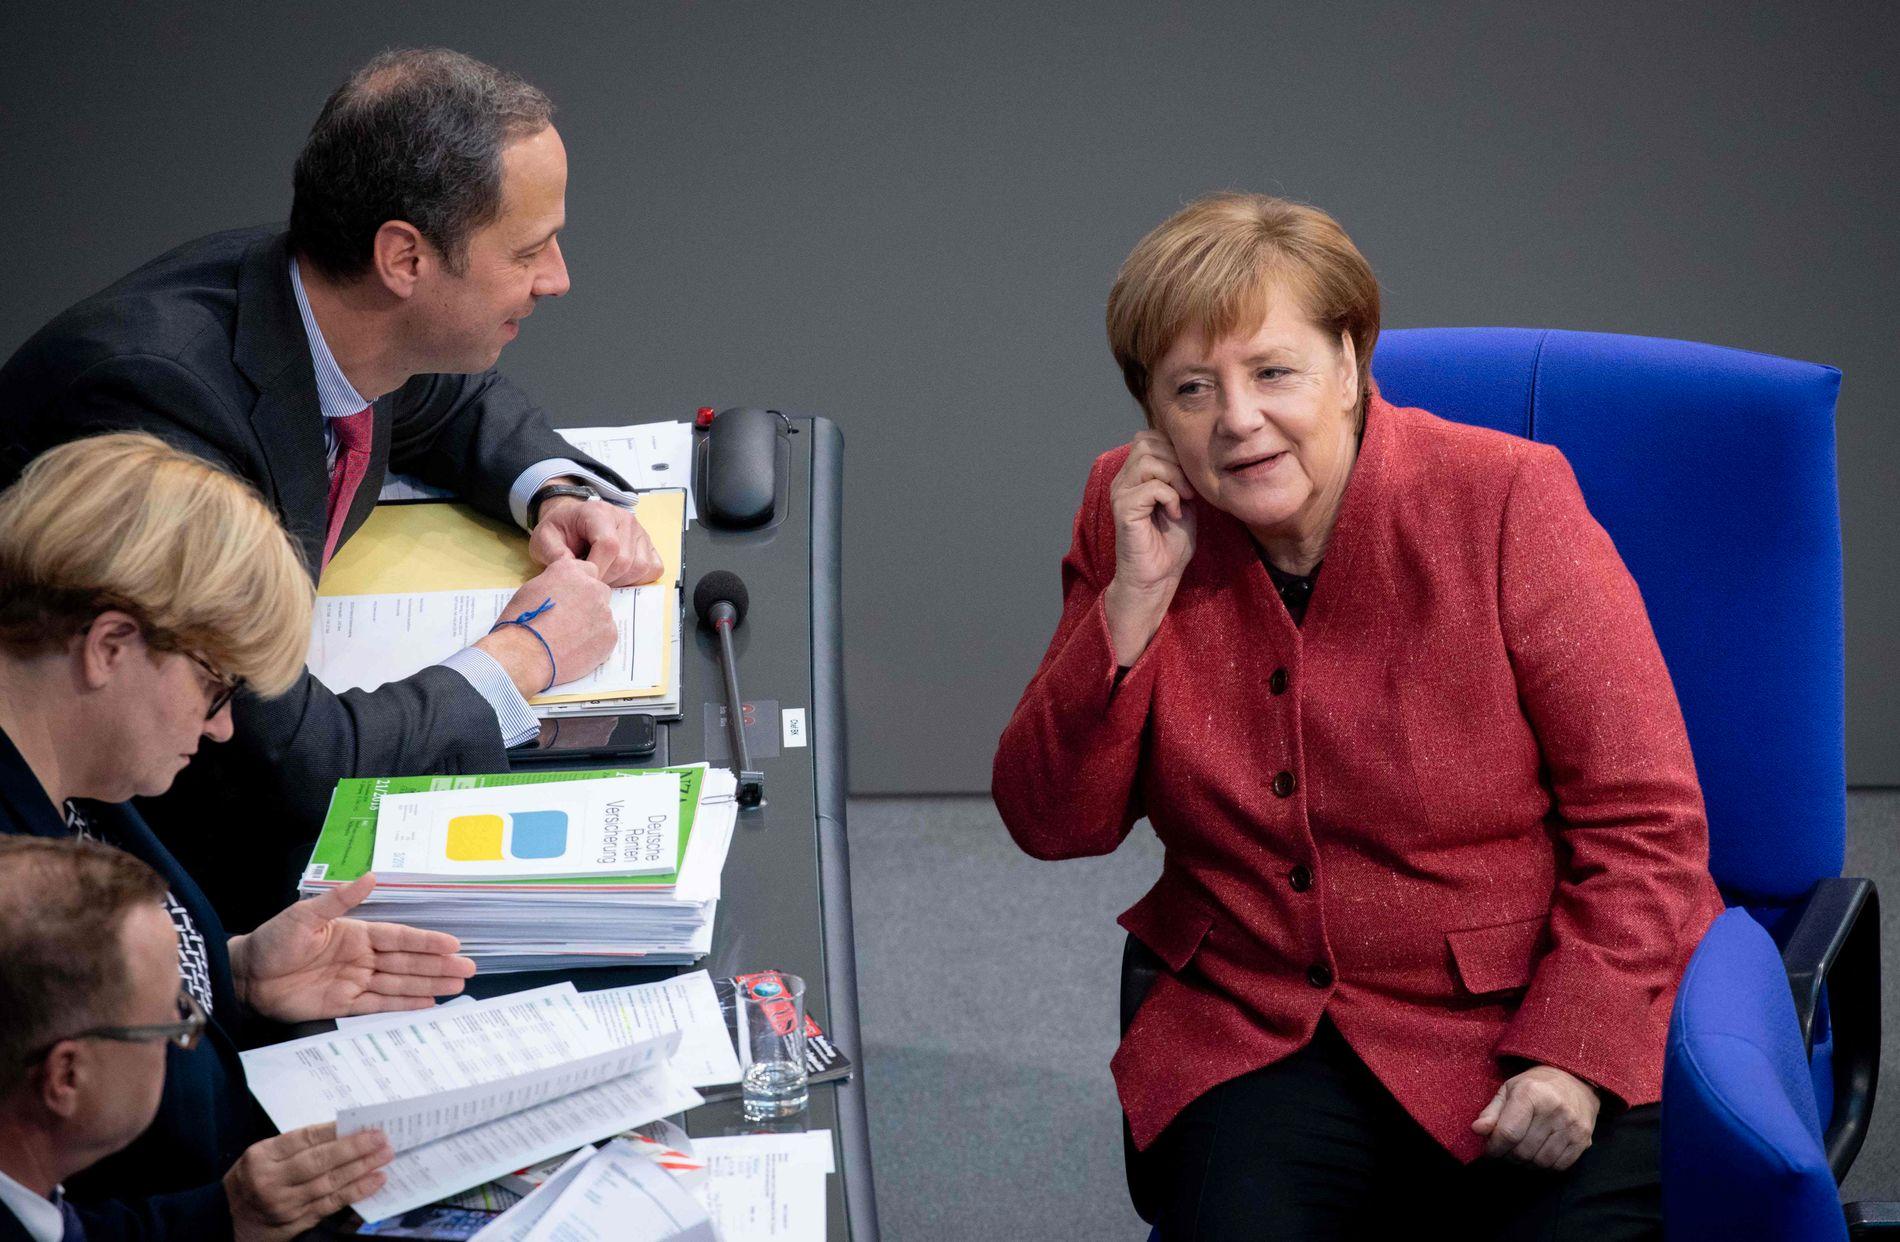 STÅR PÅ SITT: Tysklands statsminister Angela Merkel står fast ved at FNs migrasjonsavtale ikke blander seg inn i nasjonenes suverenitet.